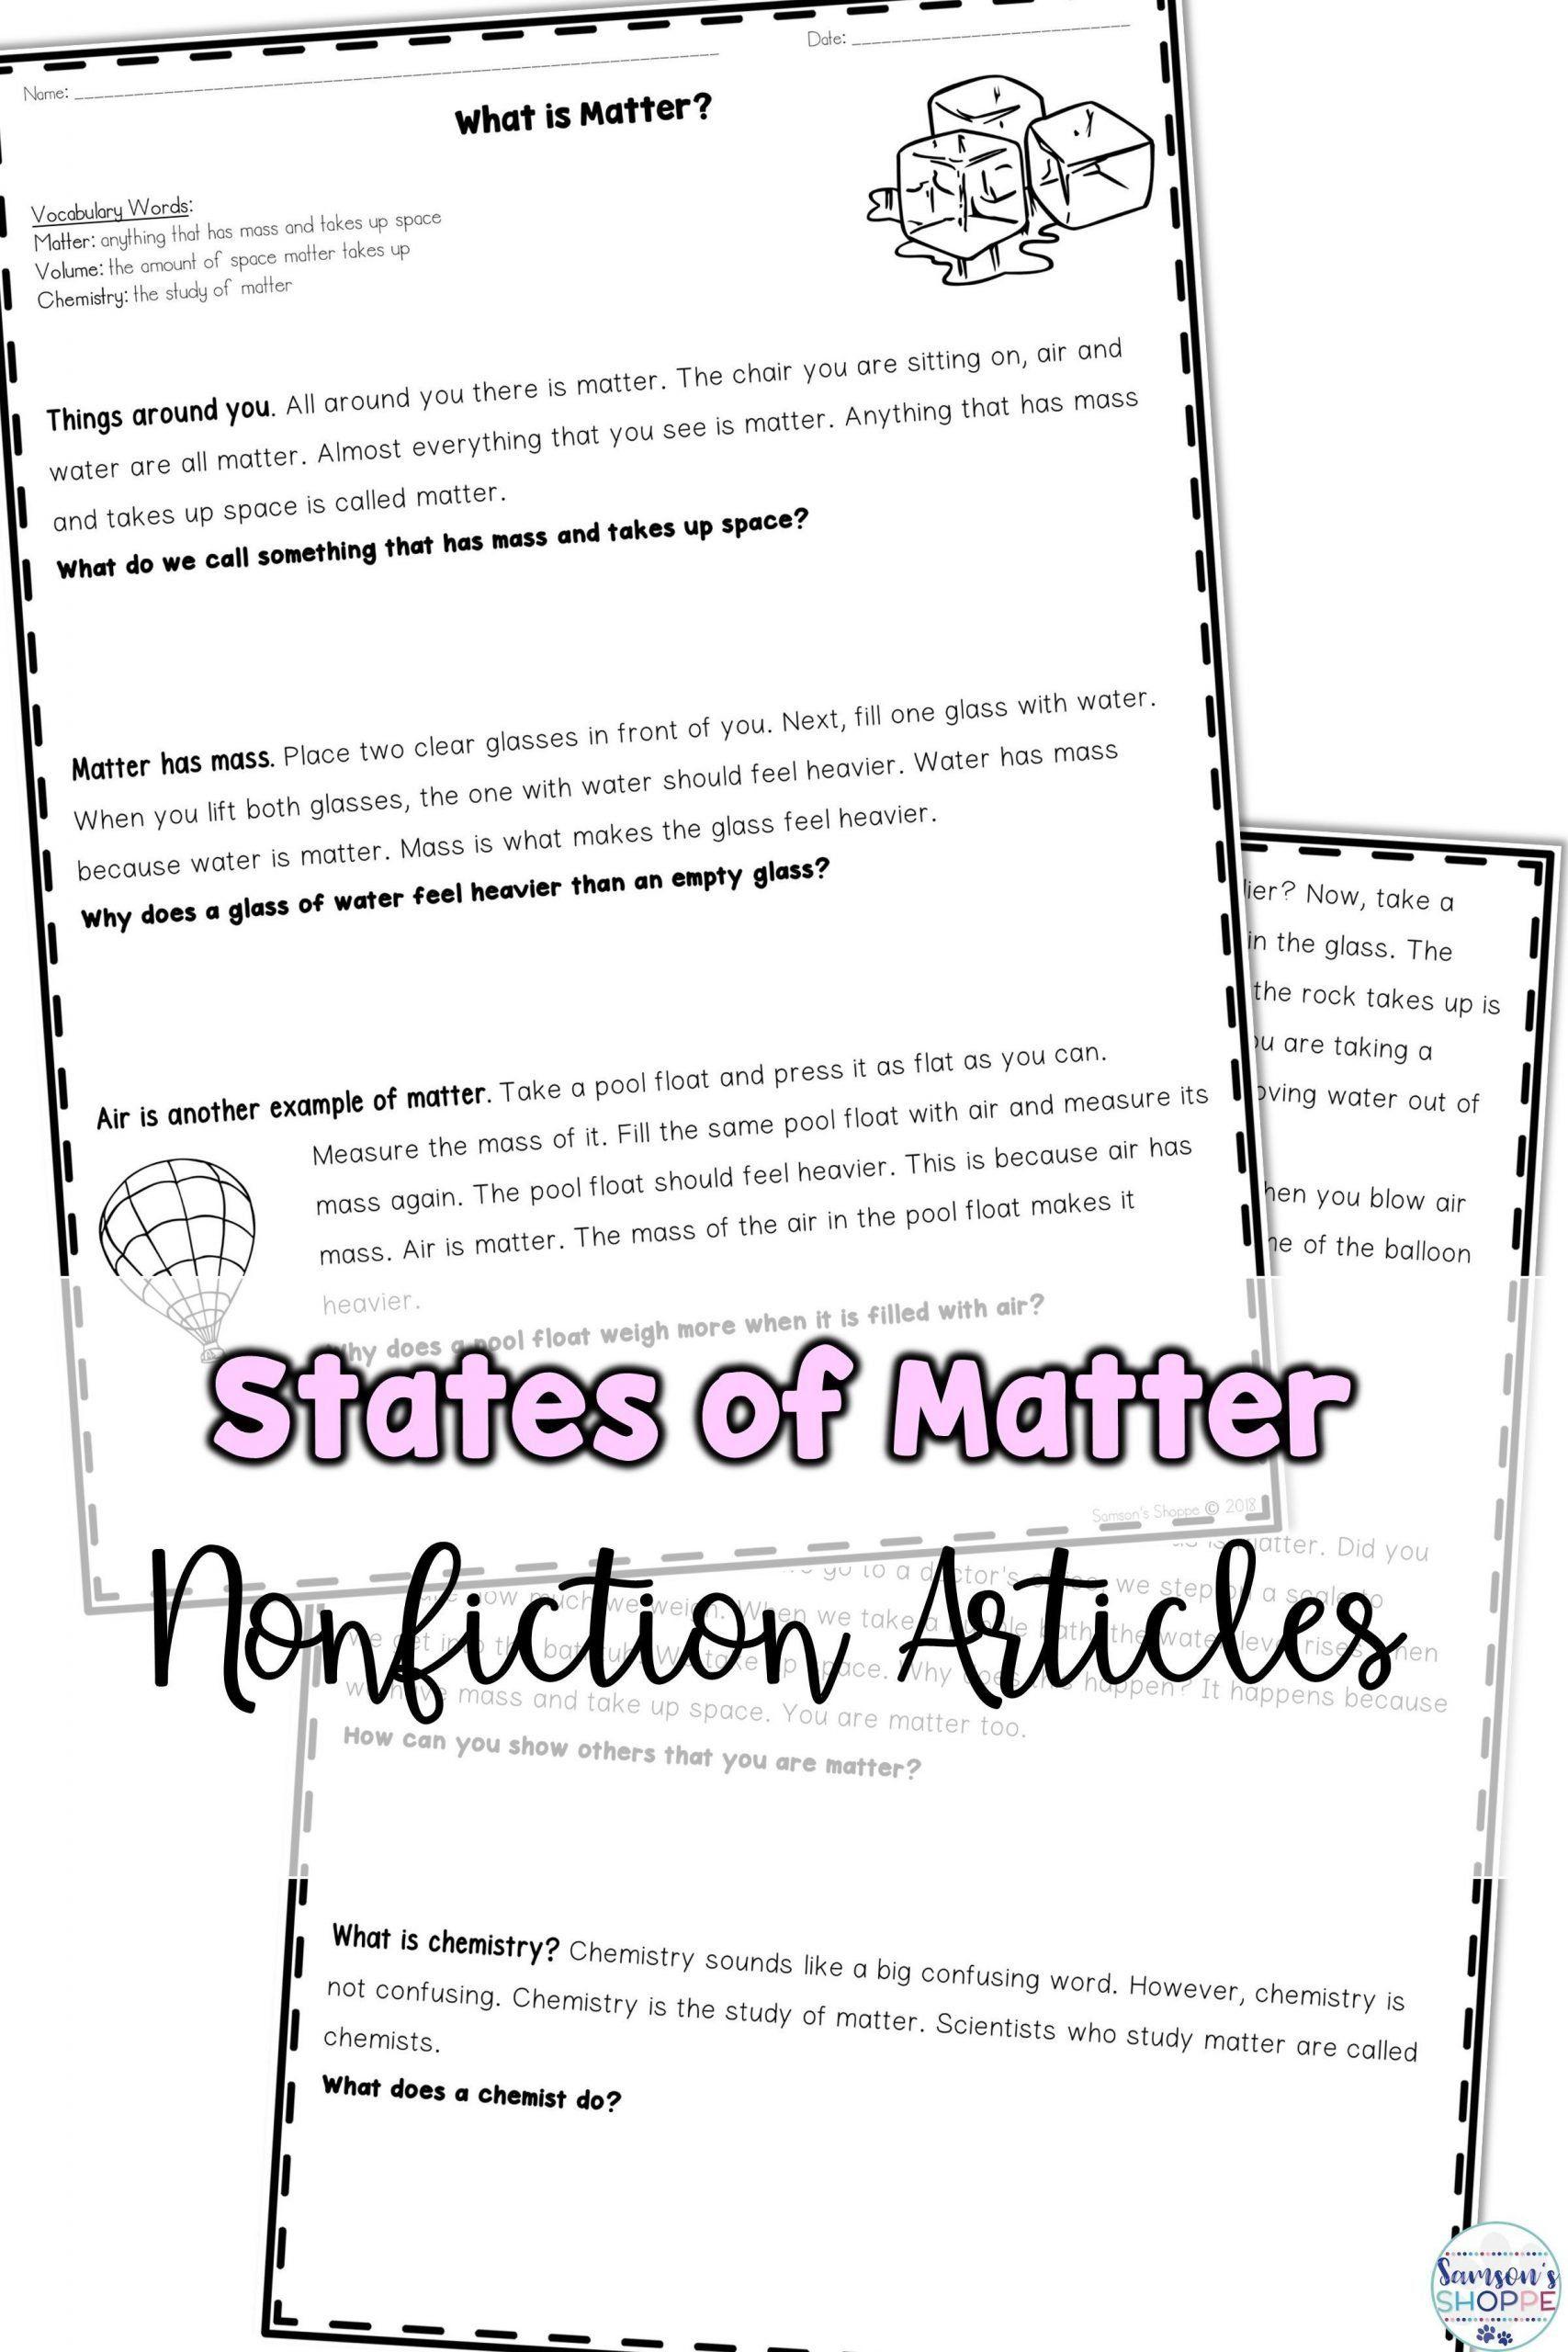 Scientific Method Steps Worksheet 50 Scientific Method Steps Worksheet In 2020 With Images Pr In 2020 Matter Worksheets States Of Matter Worksheet Reading Worksheets